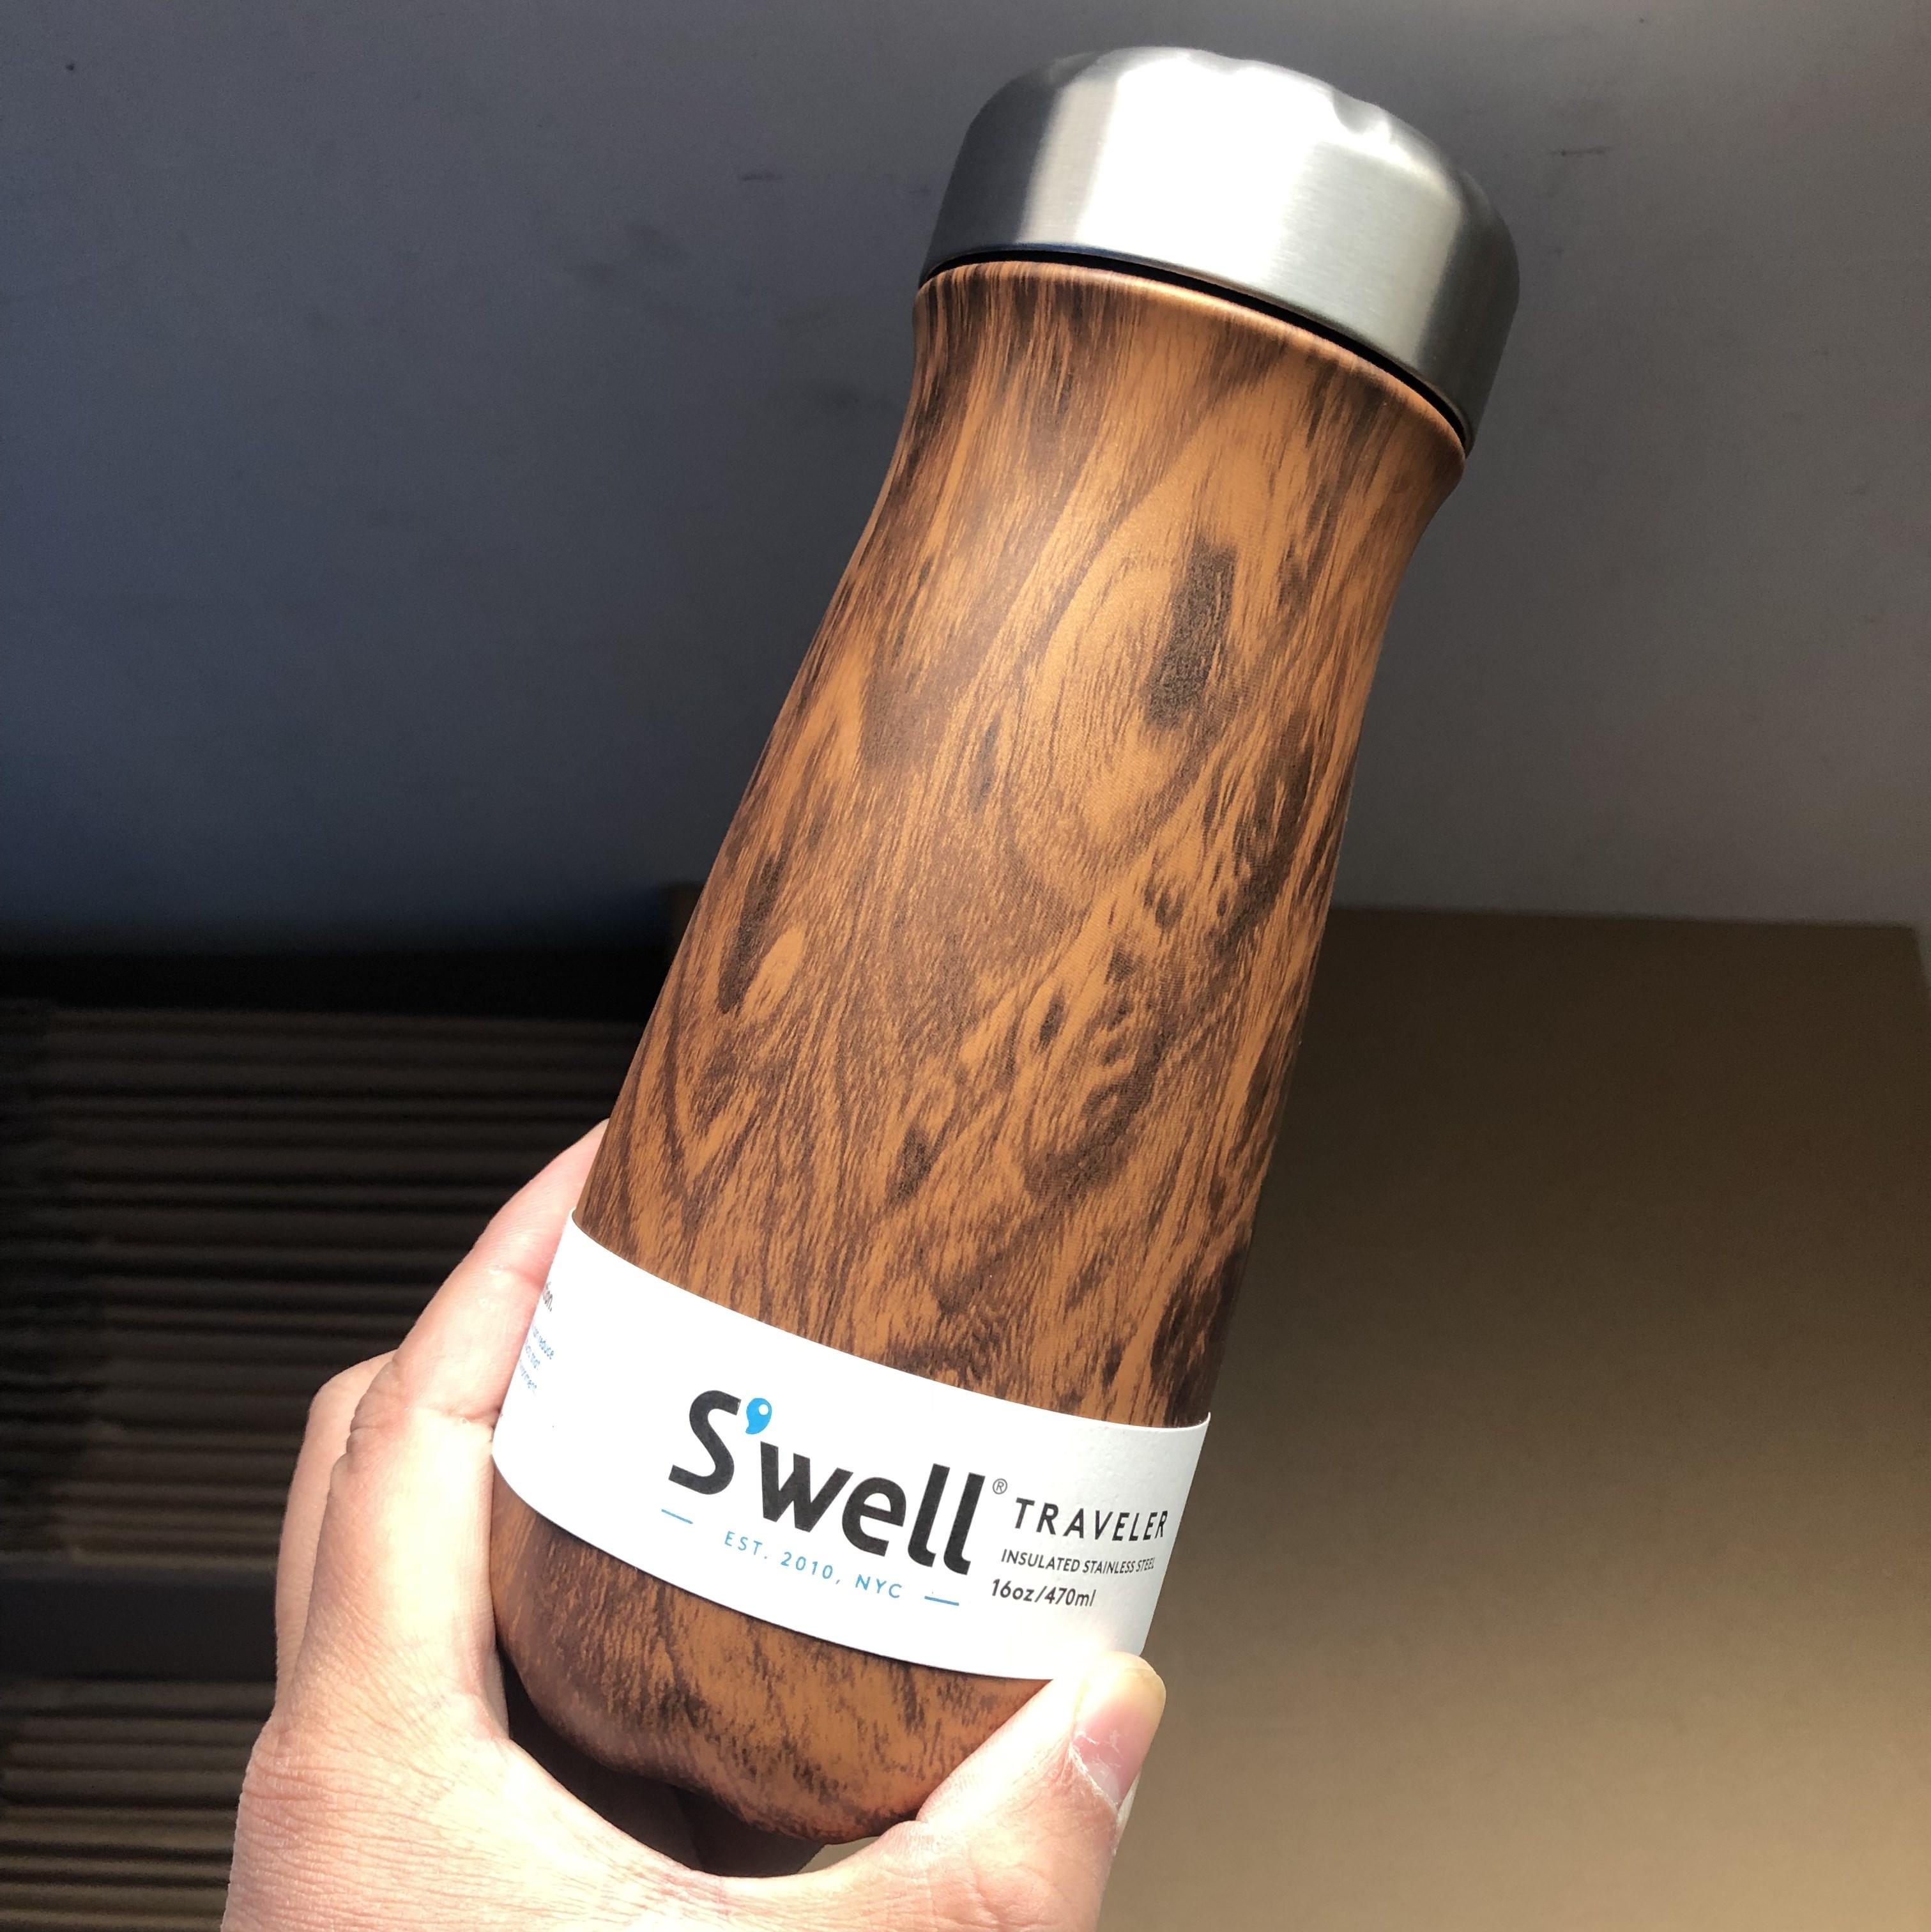 美国Swell保温杯traveler宽口大肚杯旅行杯子水杯保温保冷 微瑕